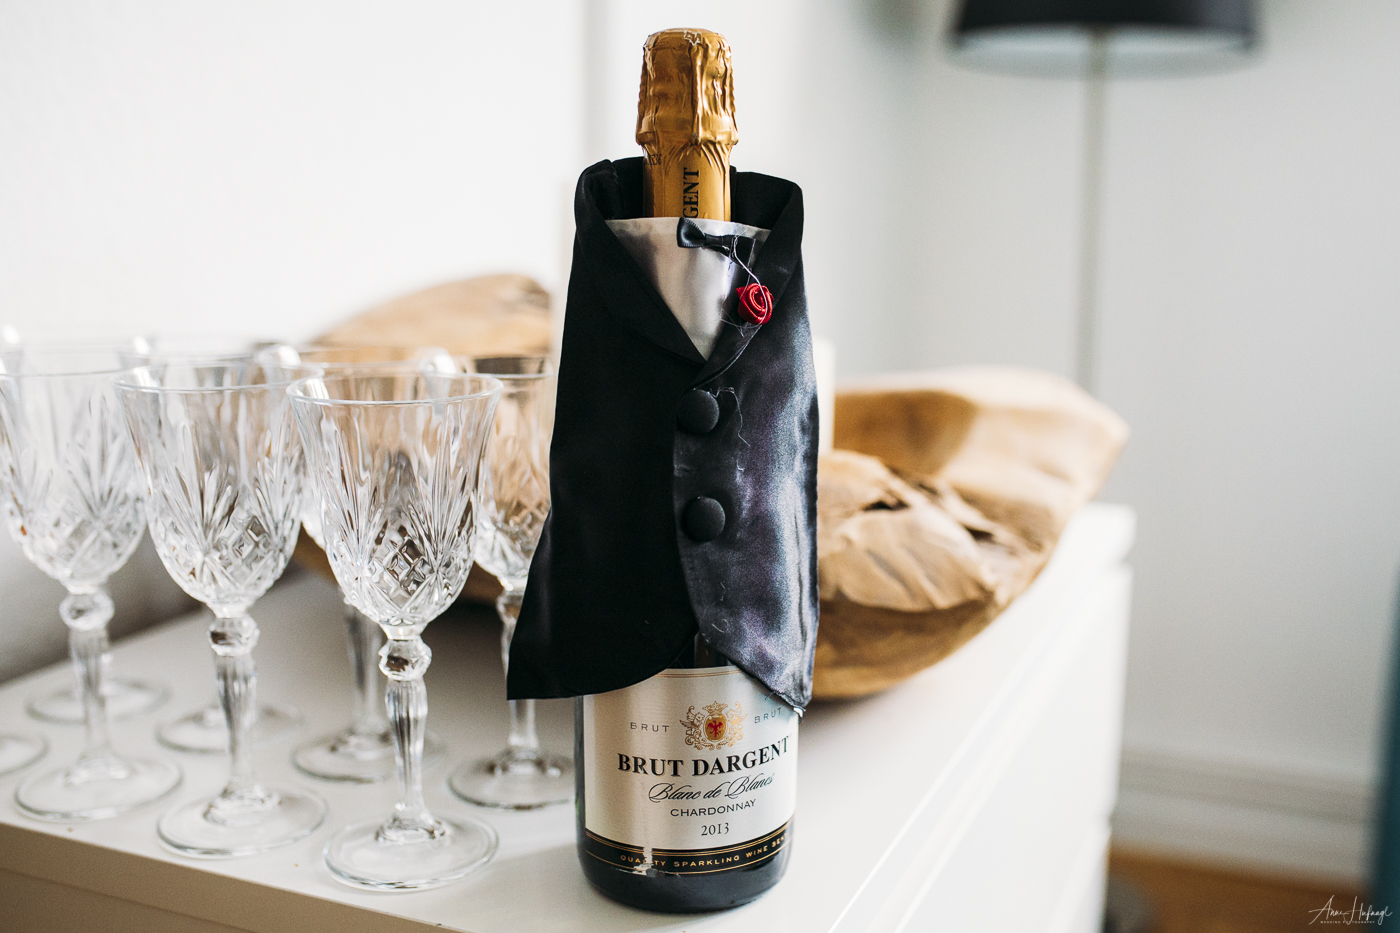 Sektflasche mit Bräutigam-Deko | Fotografin: Anne Hufnagl, Hamburg | Hochzeitsfotografie